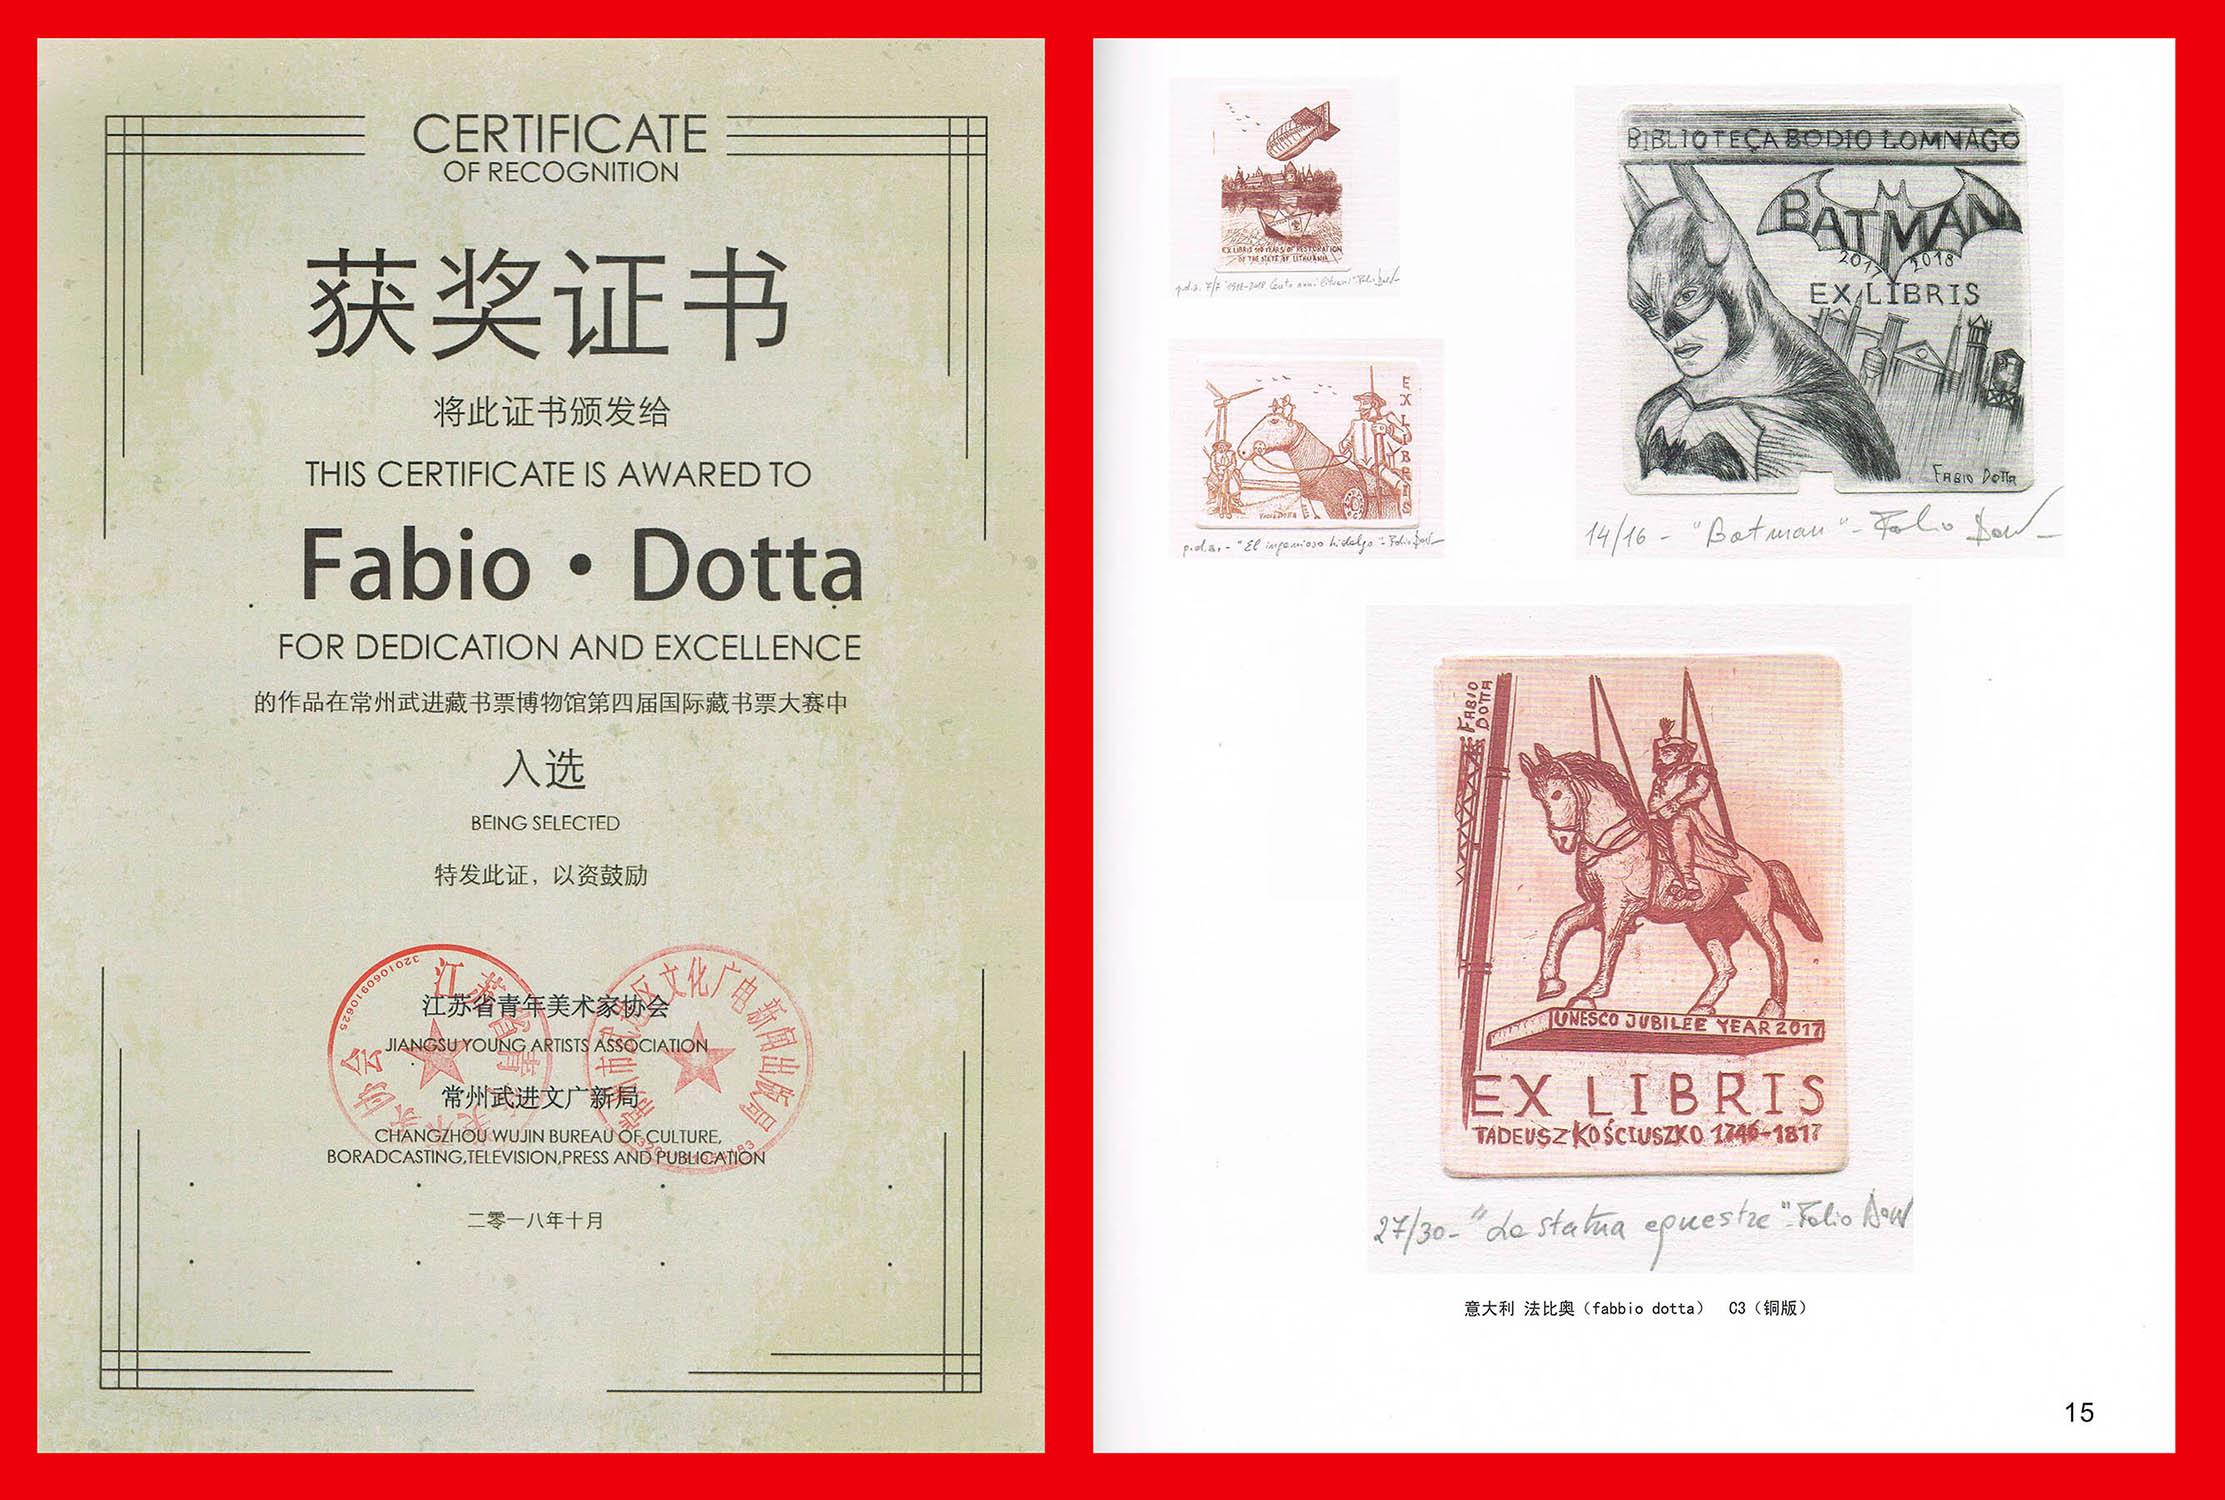 FABIO DOTTA CATALOGO 4th INTERNAZIONALE CHANG ZHOU